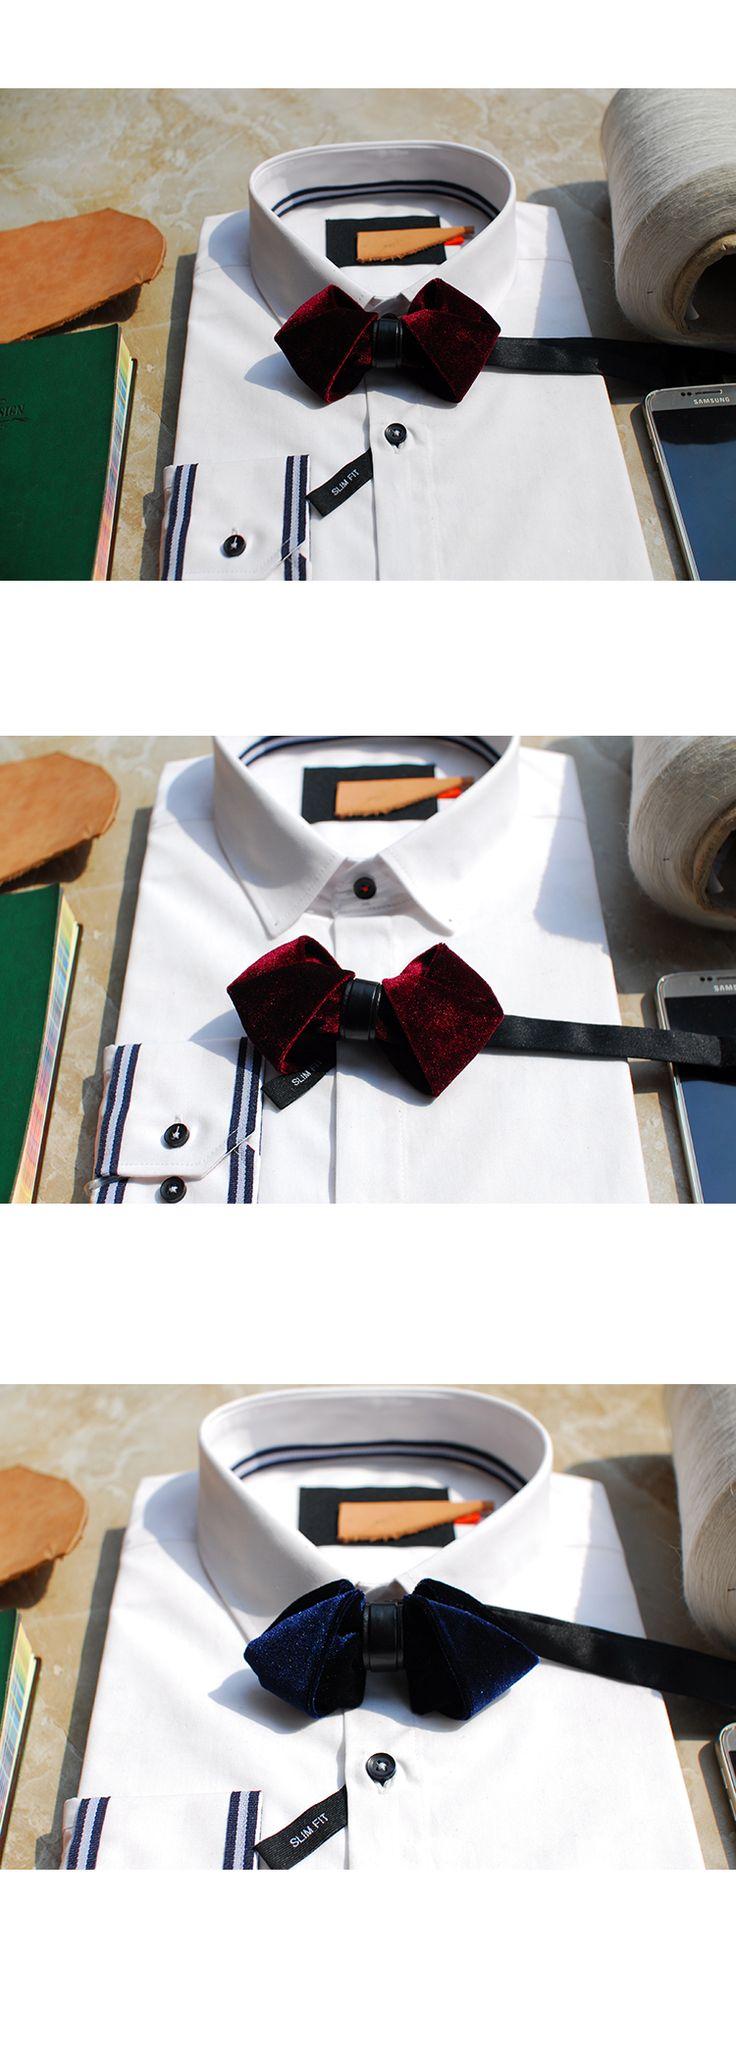 Мерлин Мерлин модный один товар дизайн старинные бархат свадебный галстук галстук горшок мода в Западной партии-Таобао Европе